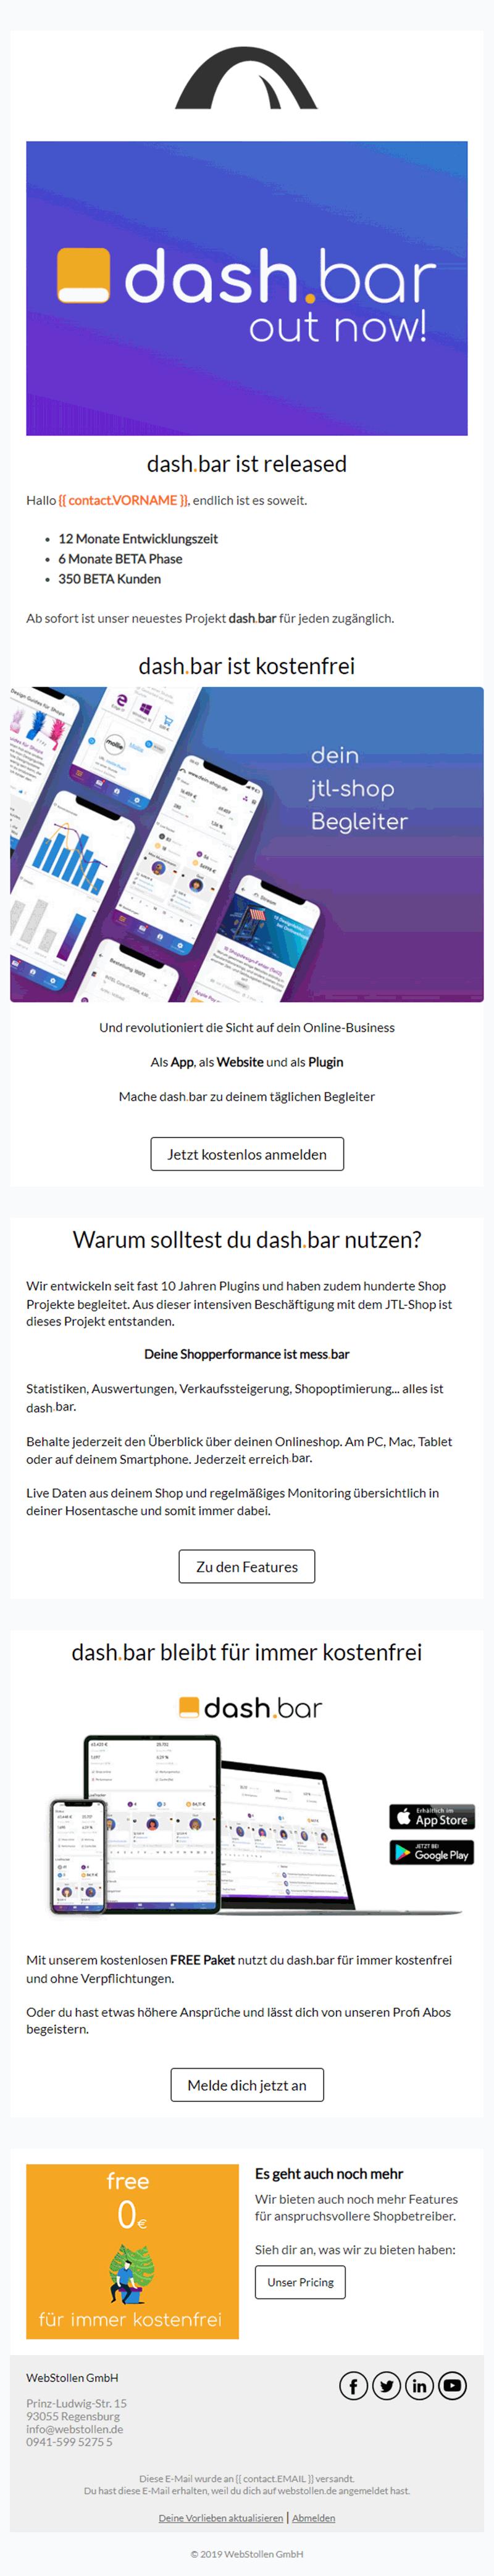 dash.bar